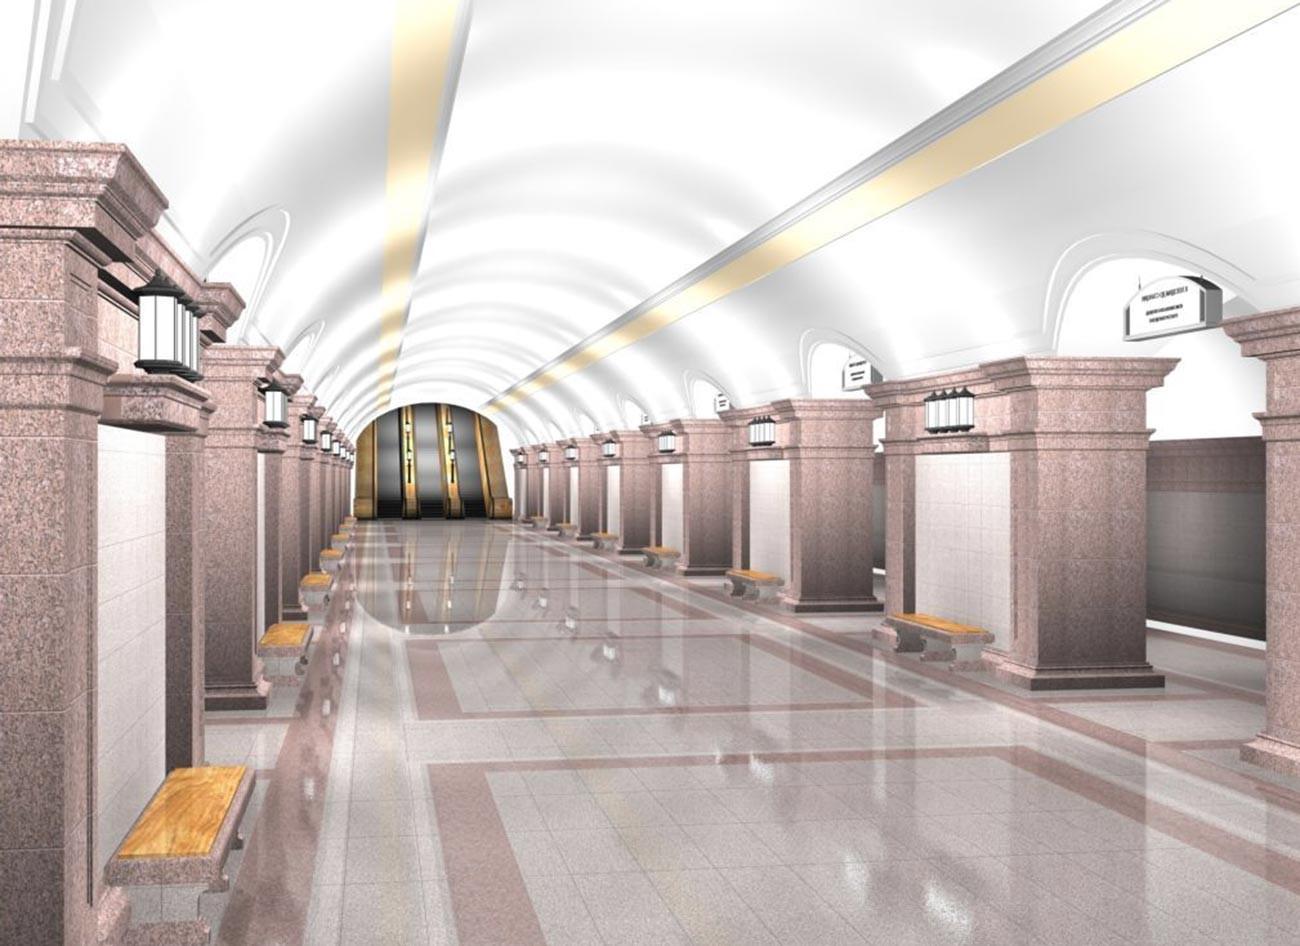 チェリャビンスク地下鉄の駅のデザイン